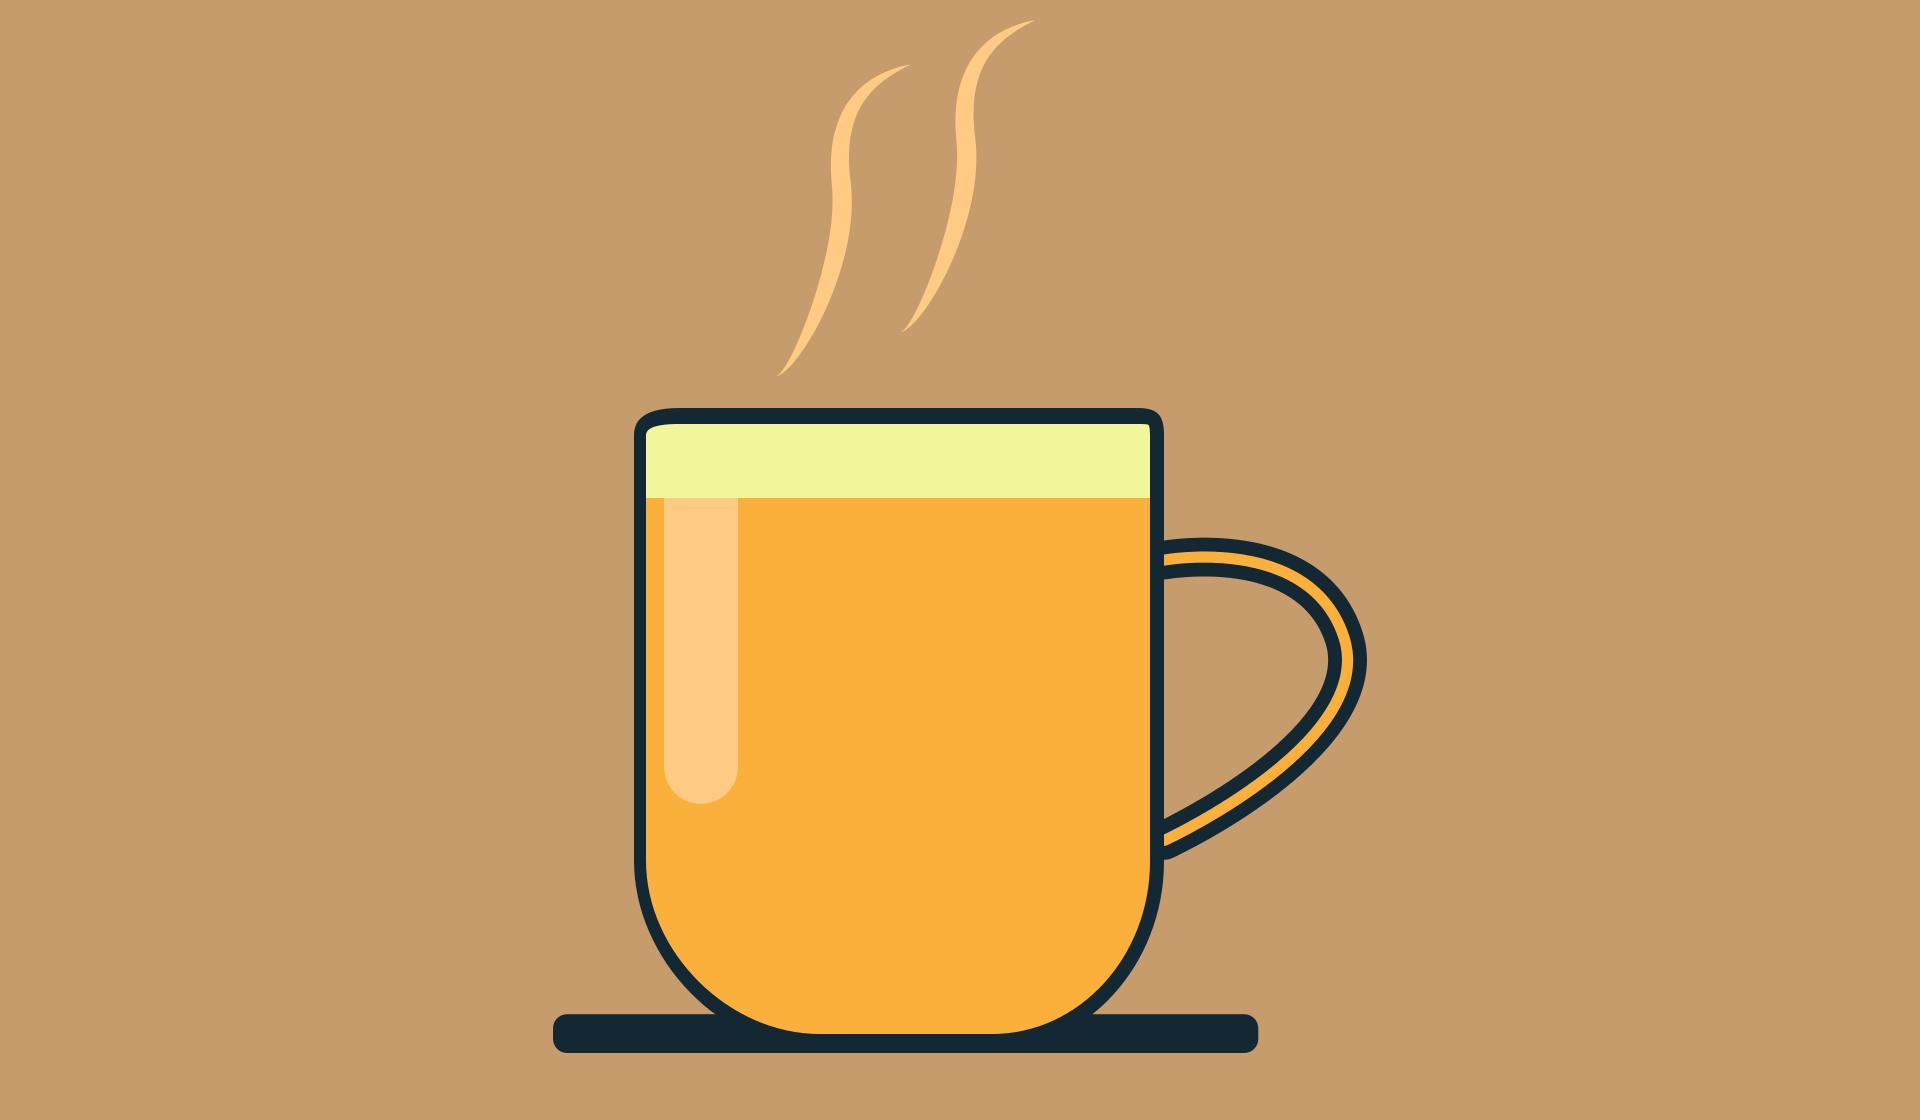 杯, 水罐, 咖啡, 茶, 热, 吸烟 - 高清壁纸 - 教授-falken.com